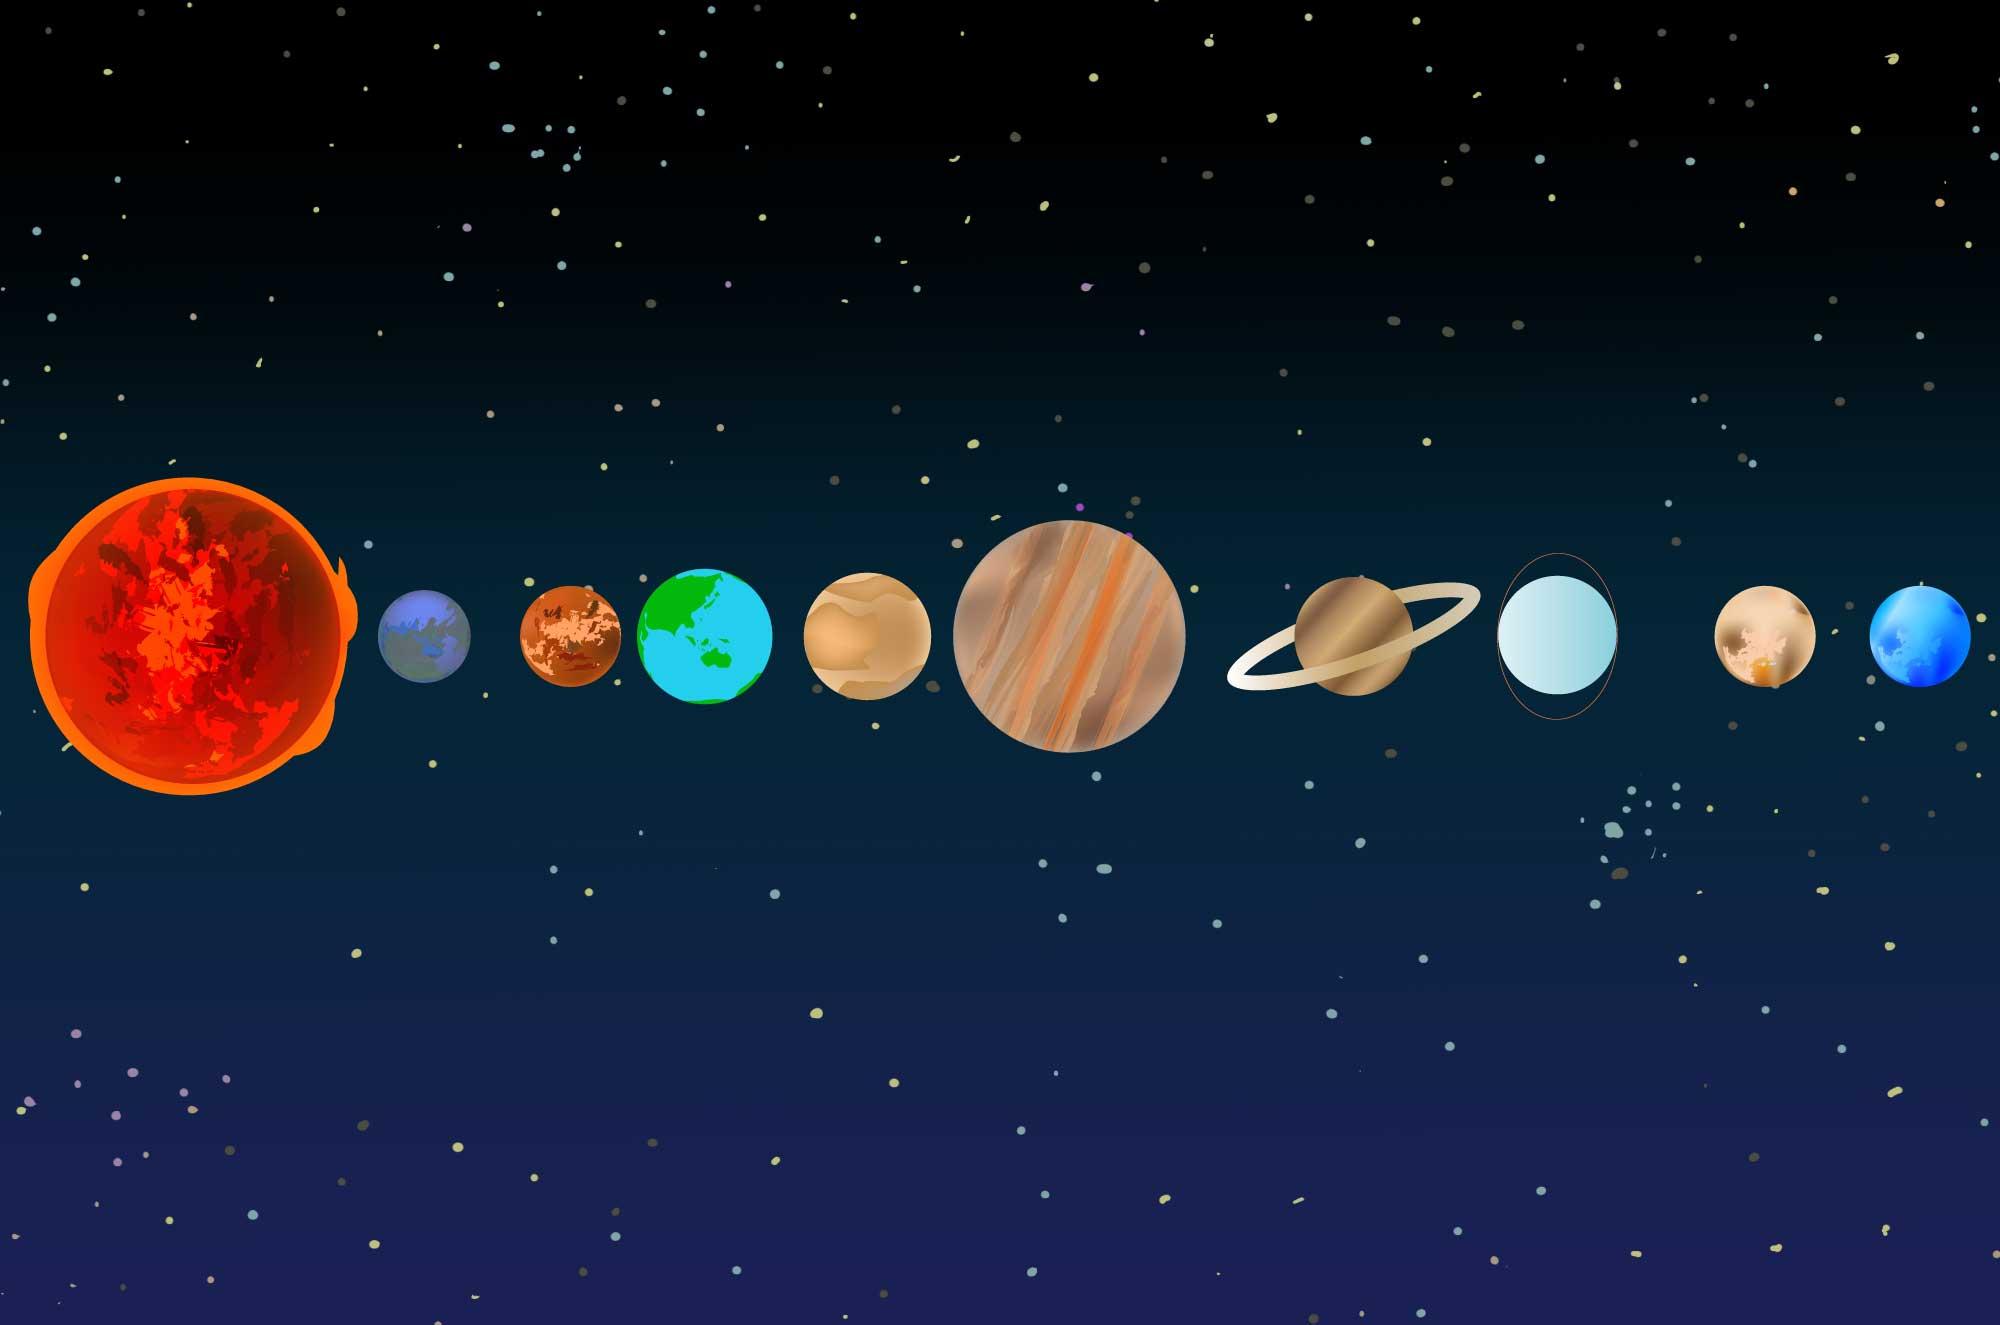 宇宙の無料イラスト , 惑星・太陽系の自然フリー素材 , チコデザ